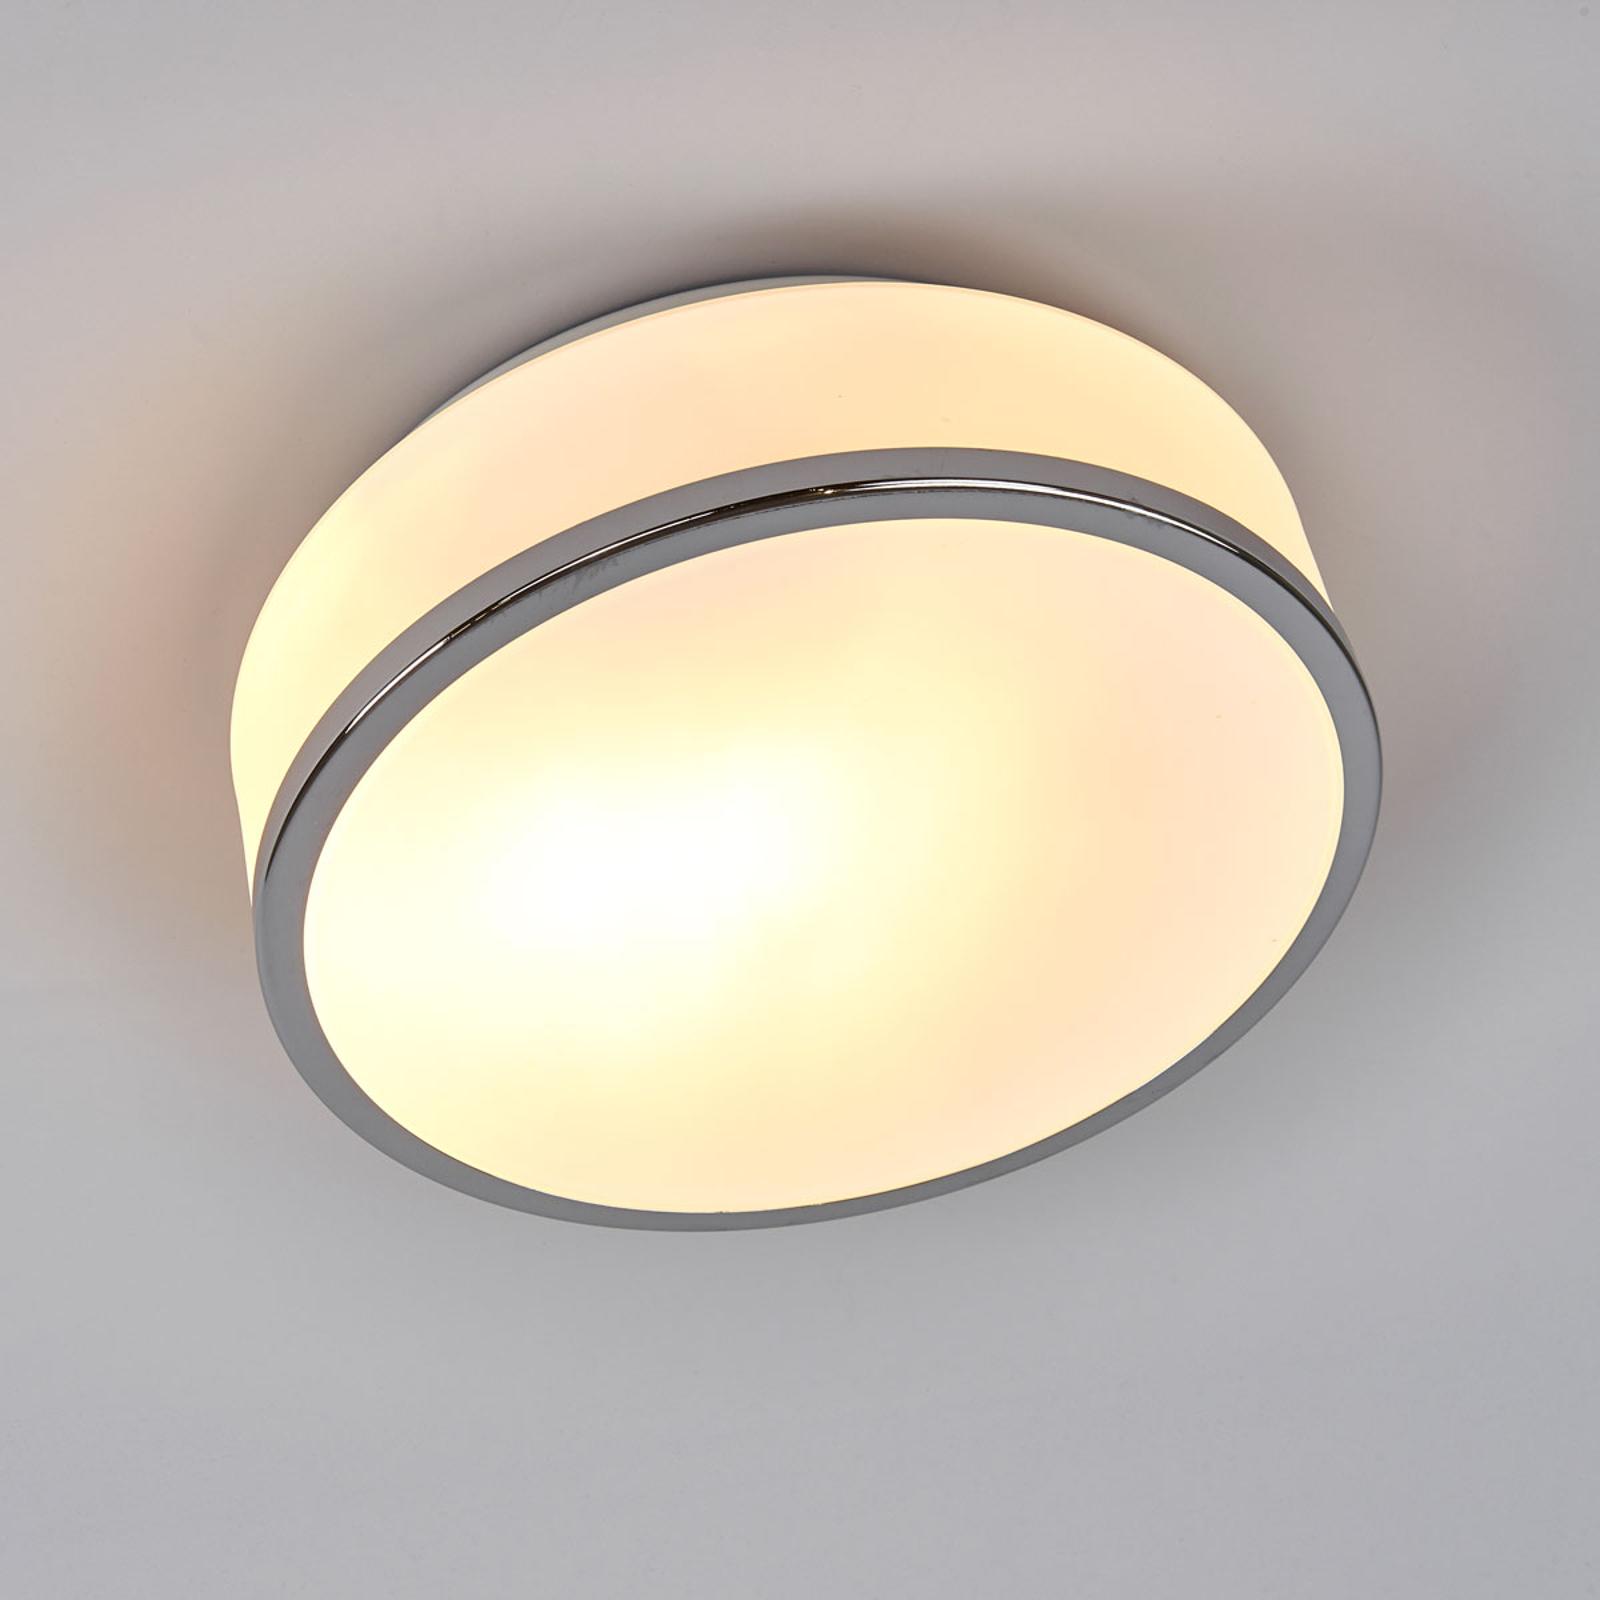 Taklampe Flush IP44, Ø 23 cm, sølv satinert